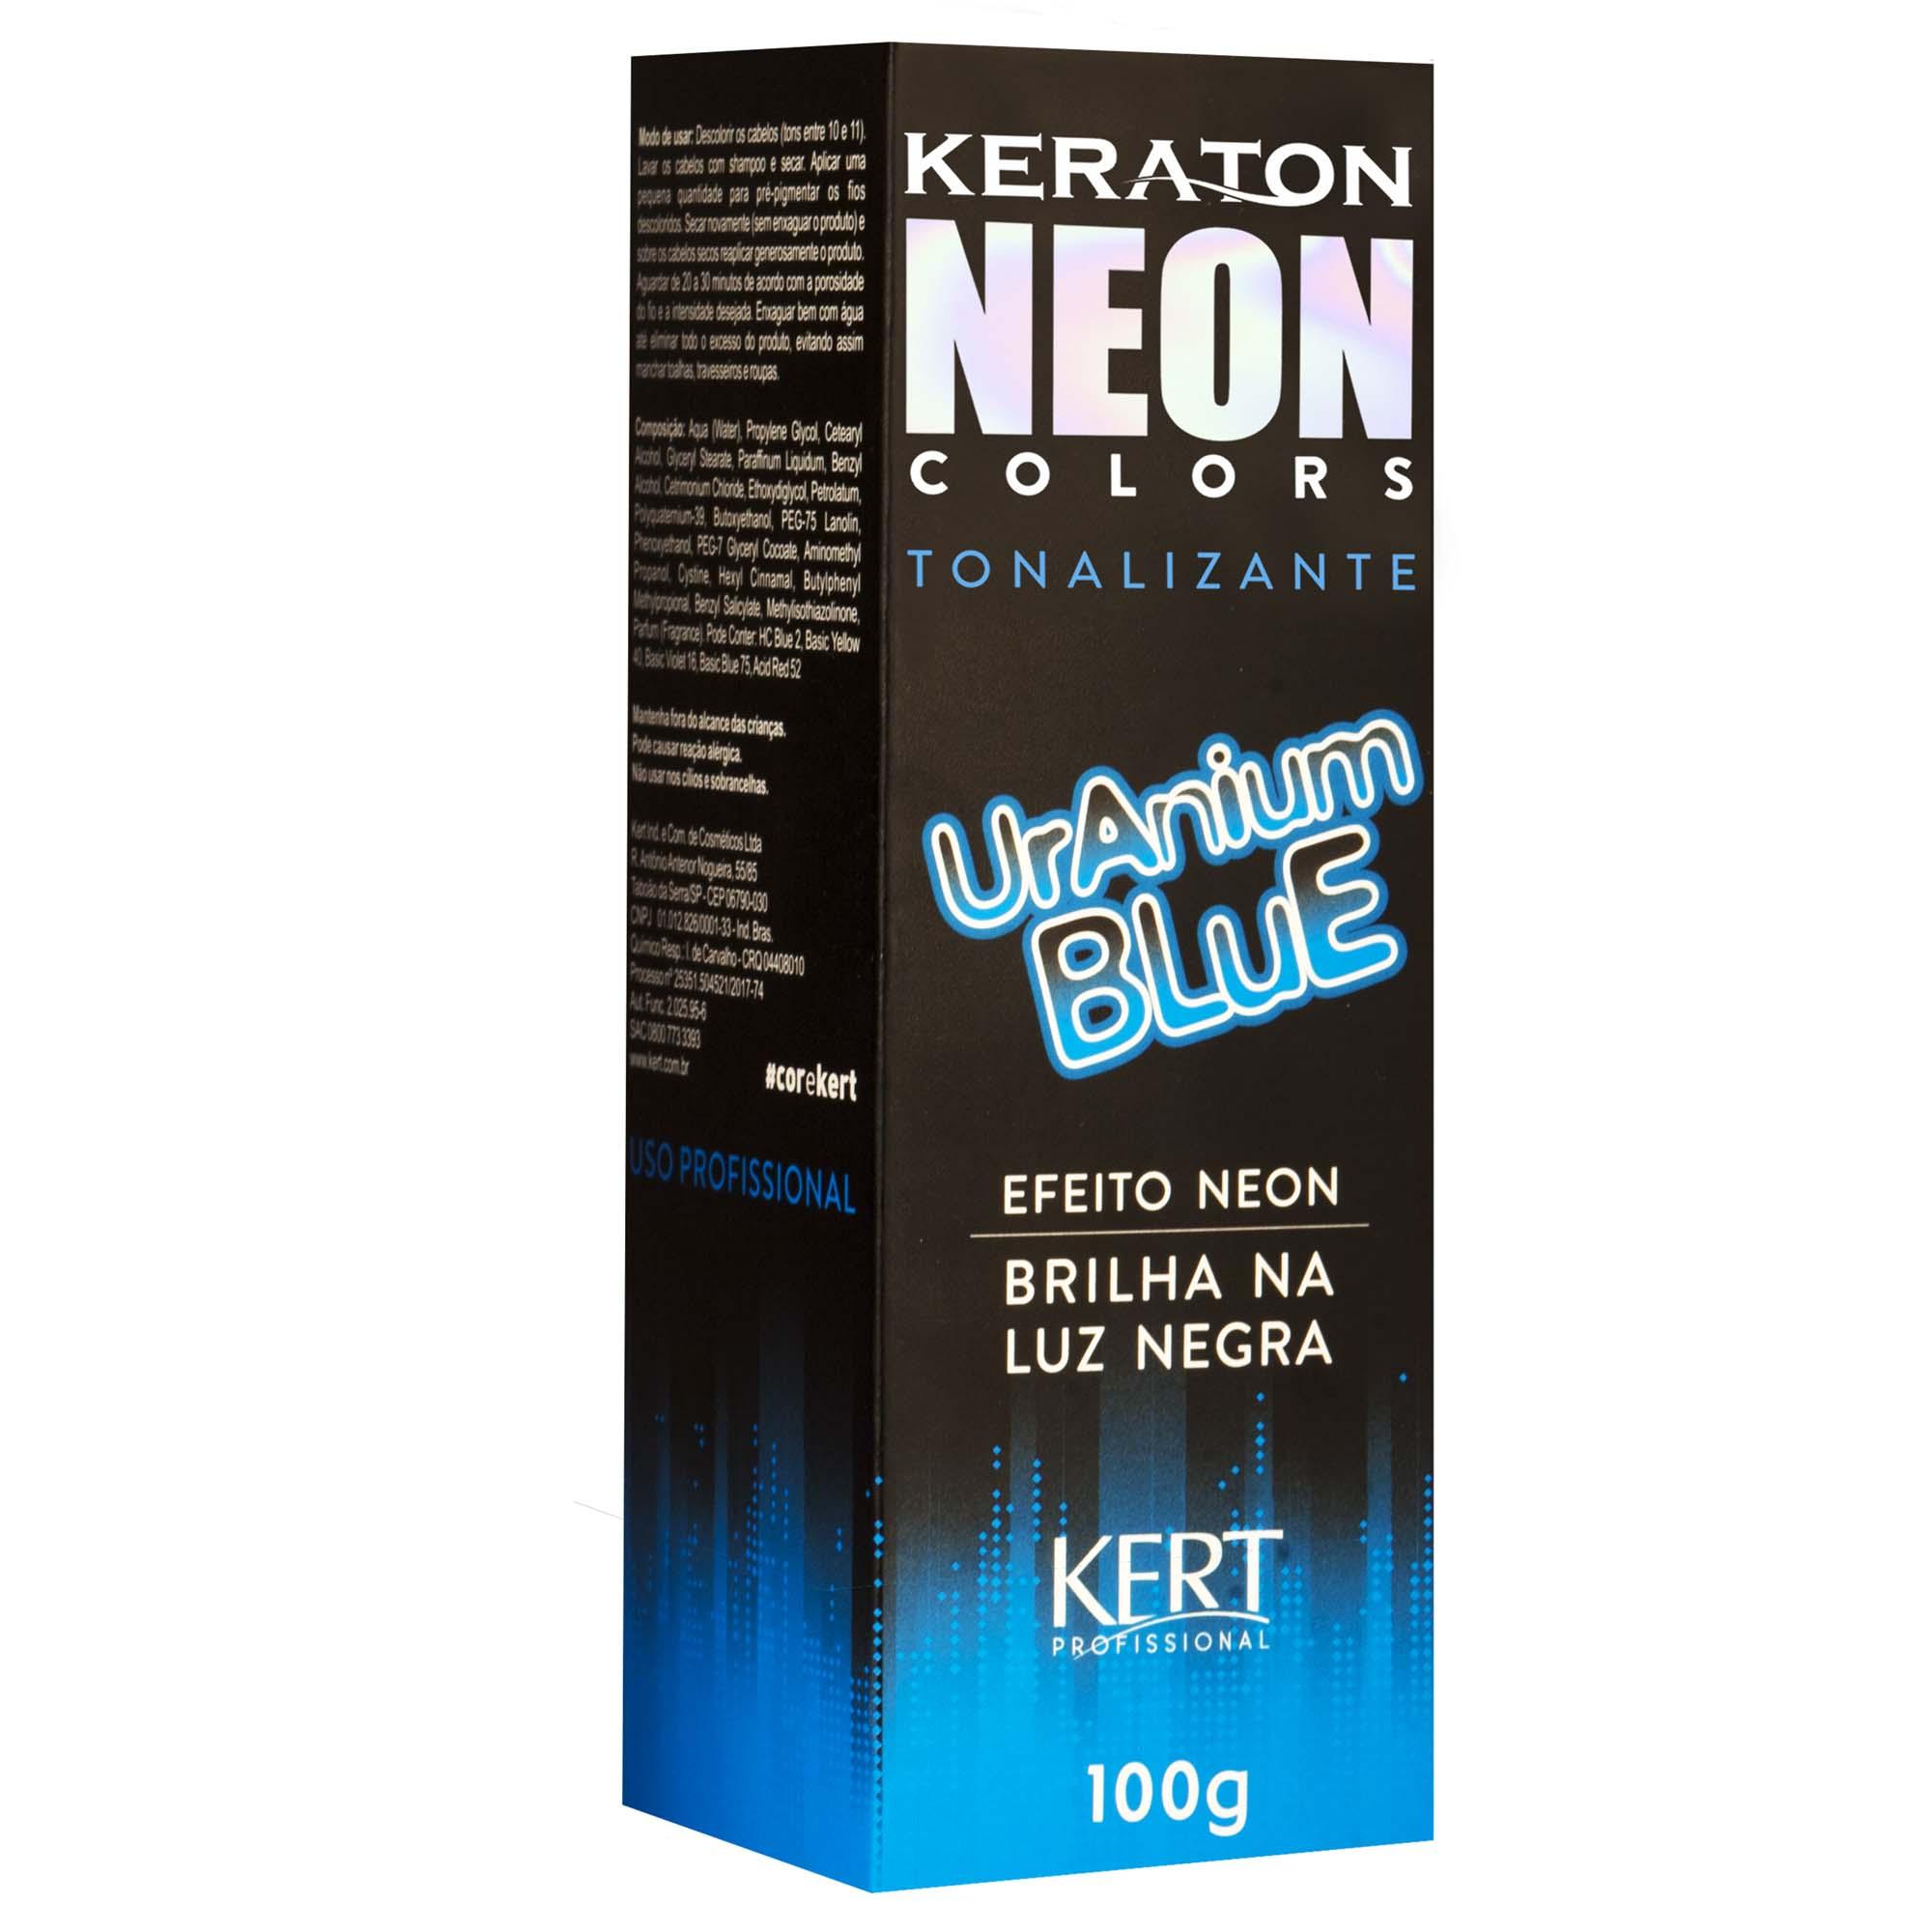 Kert Keraton Neon Colors Tonalizante Cor Uranium Blue - 100g